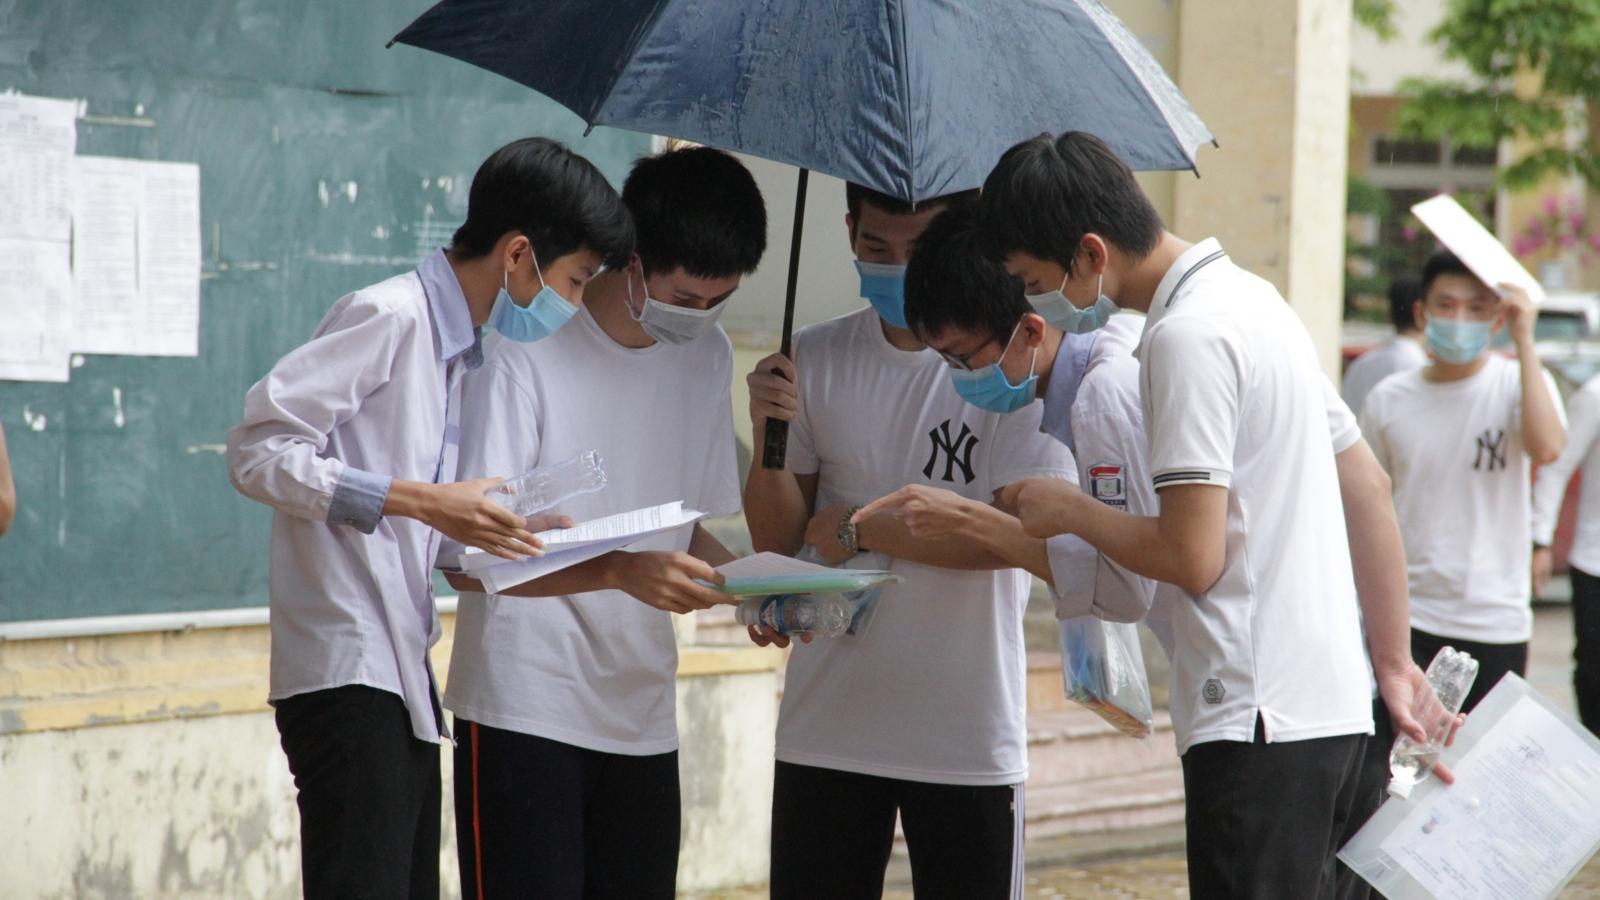 Nghệ An có 761 điểm 10 trong kỳ thi tốt nghiệp THPT năm 2021